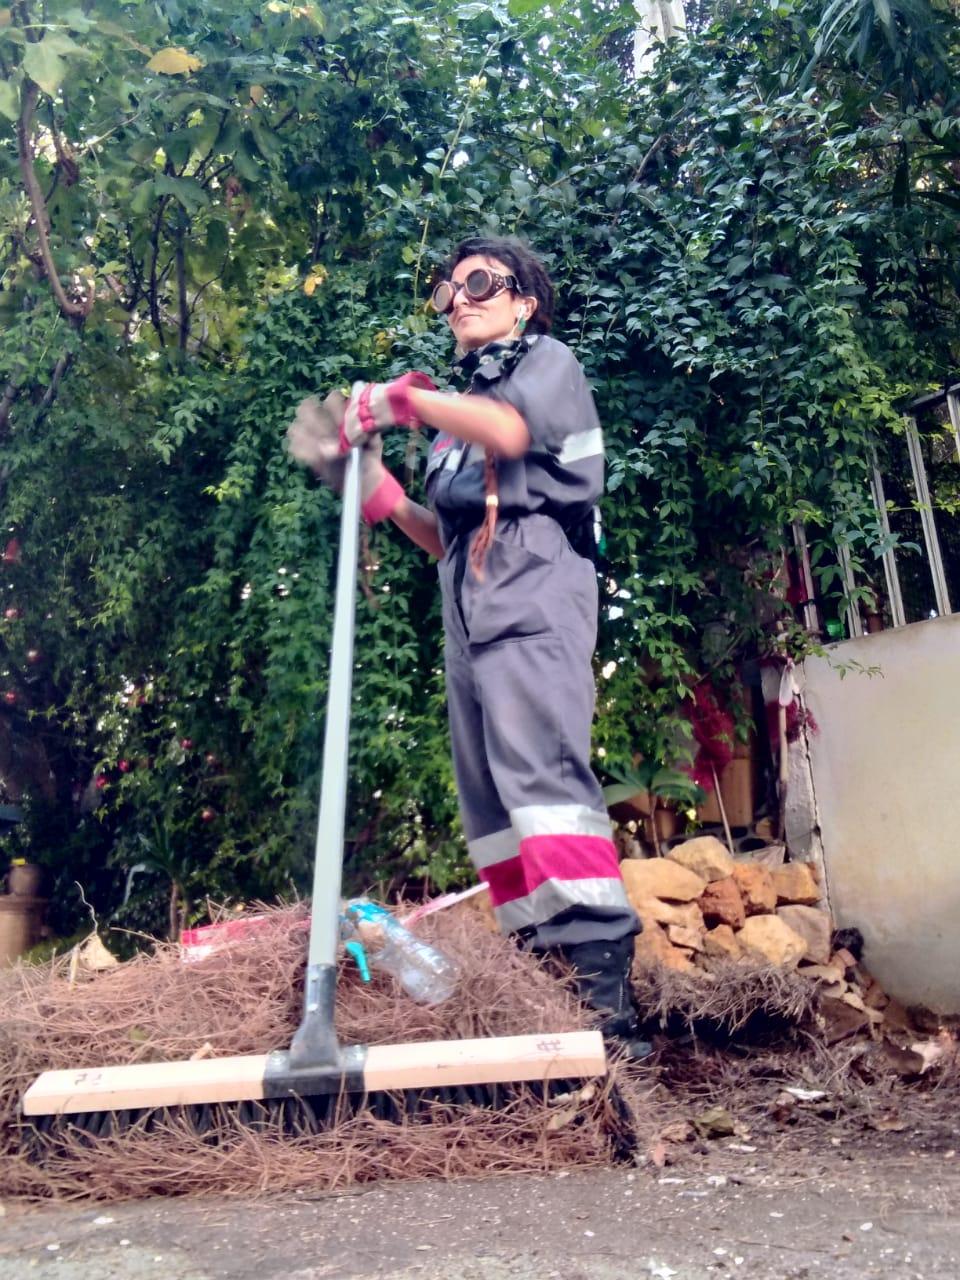 لبنانيّة تعمل في مجال النظافة لمواجهة البطالة وتغيير الصورة النمطية